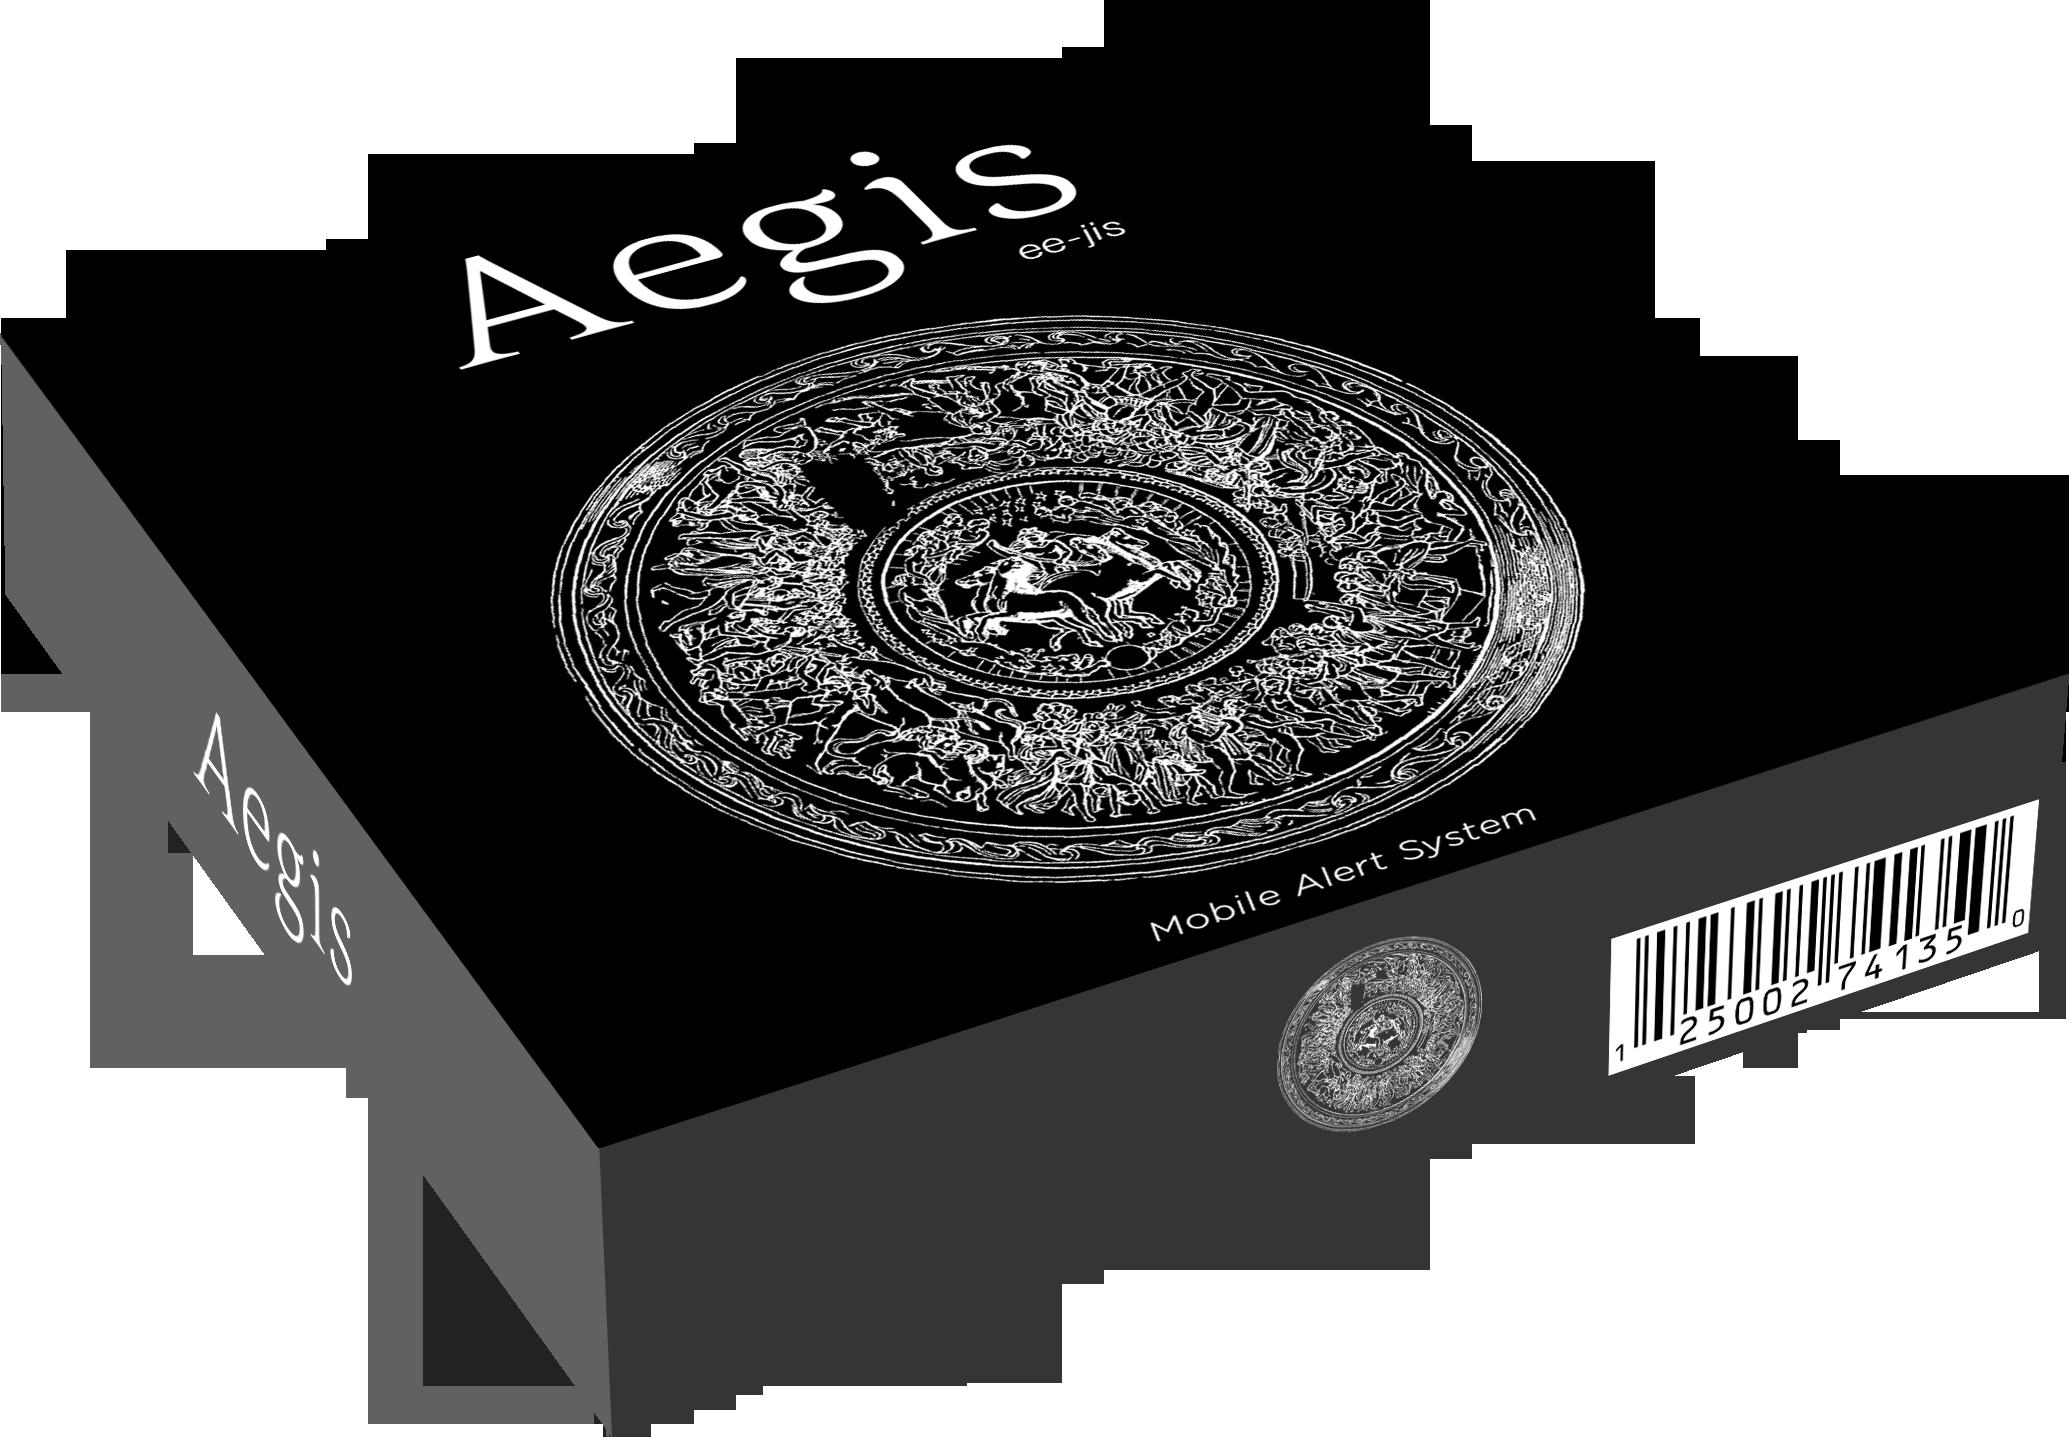 Aegis package